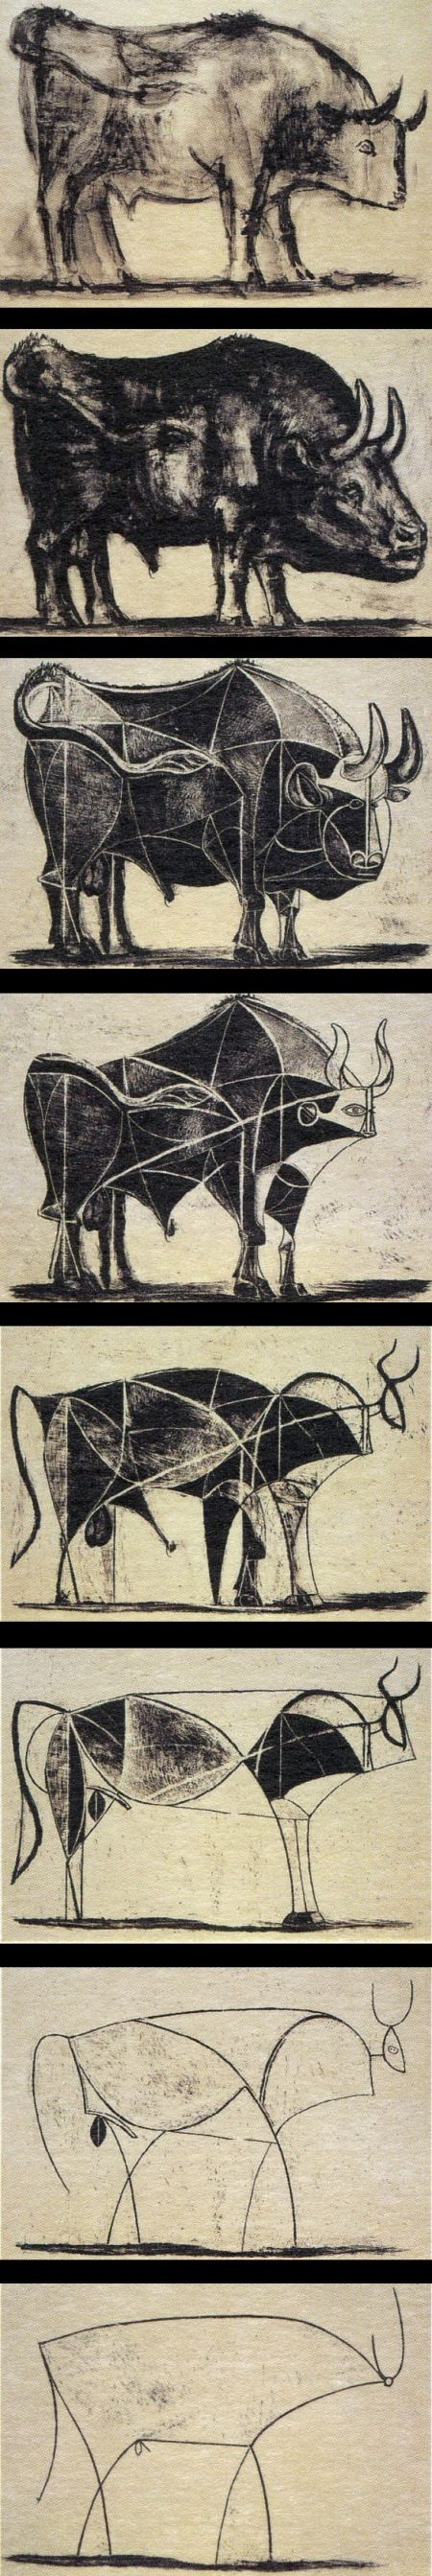 Pamplona es en españa. Los toros representan españa. Tienen el funcionamiento de…